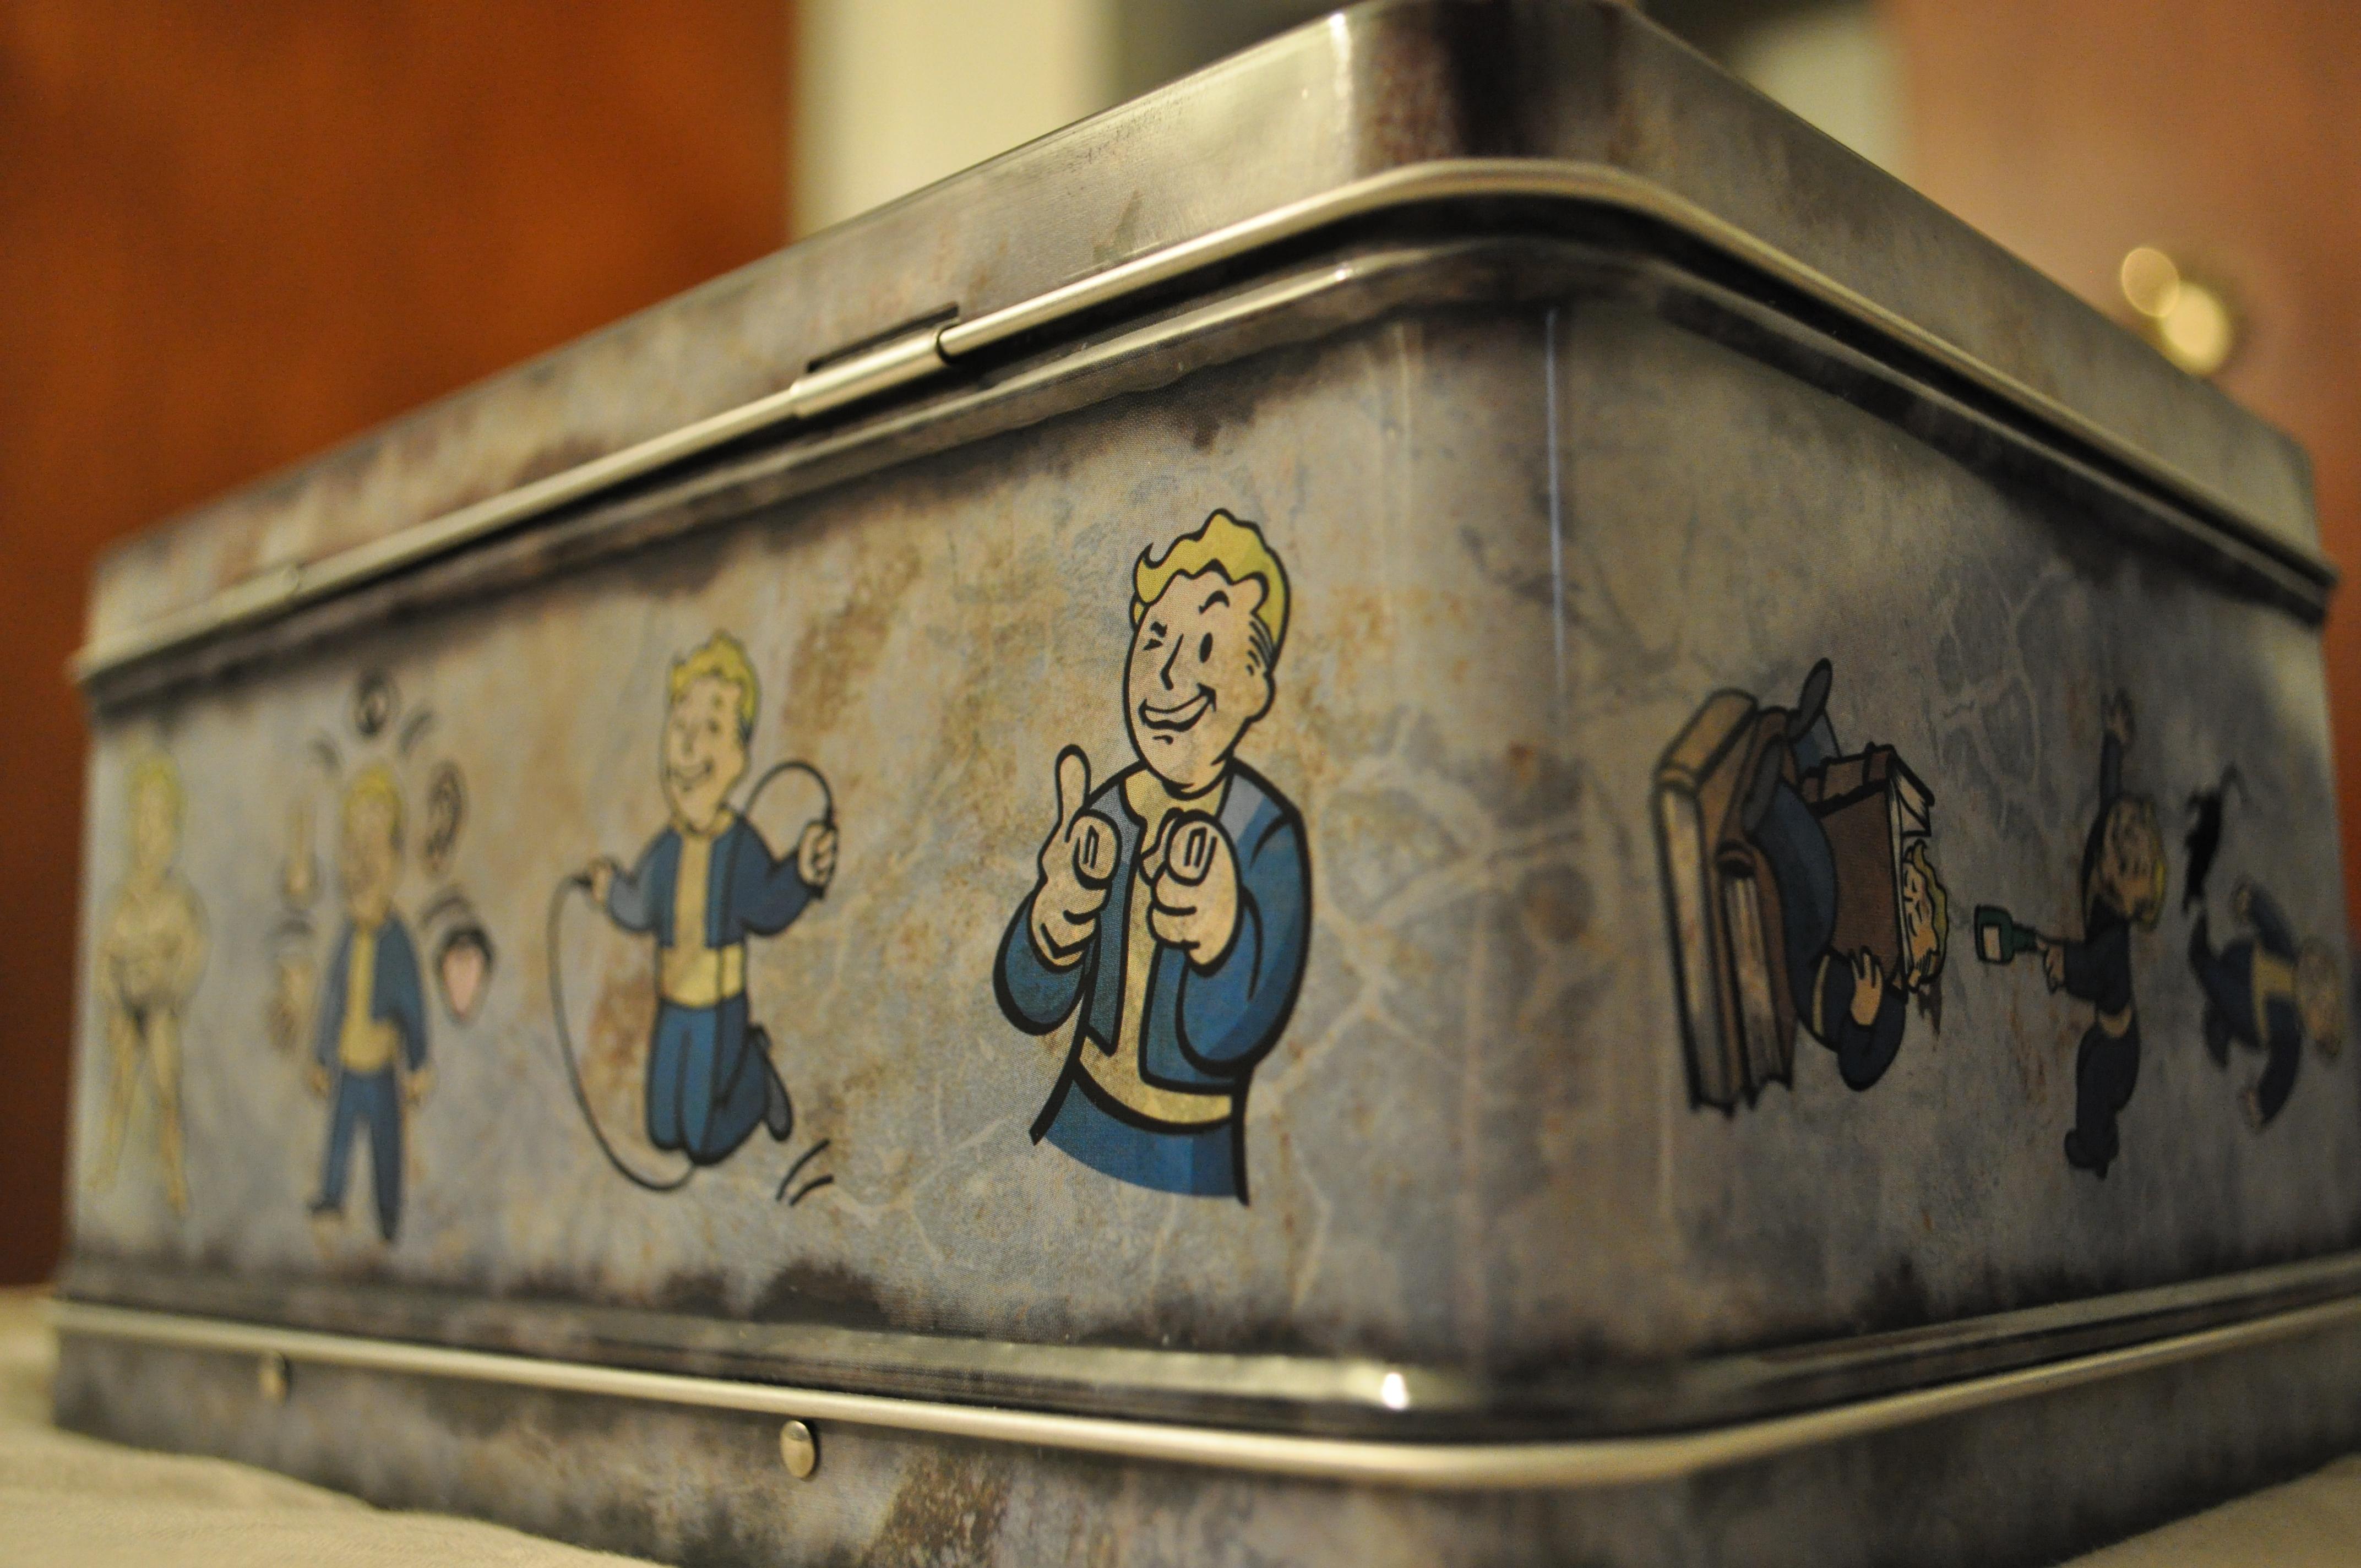 Fallout case Vault Boy wallpaper : 4288x2848 : 62577 : WallpaperUP